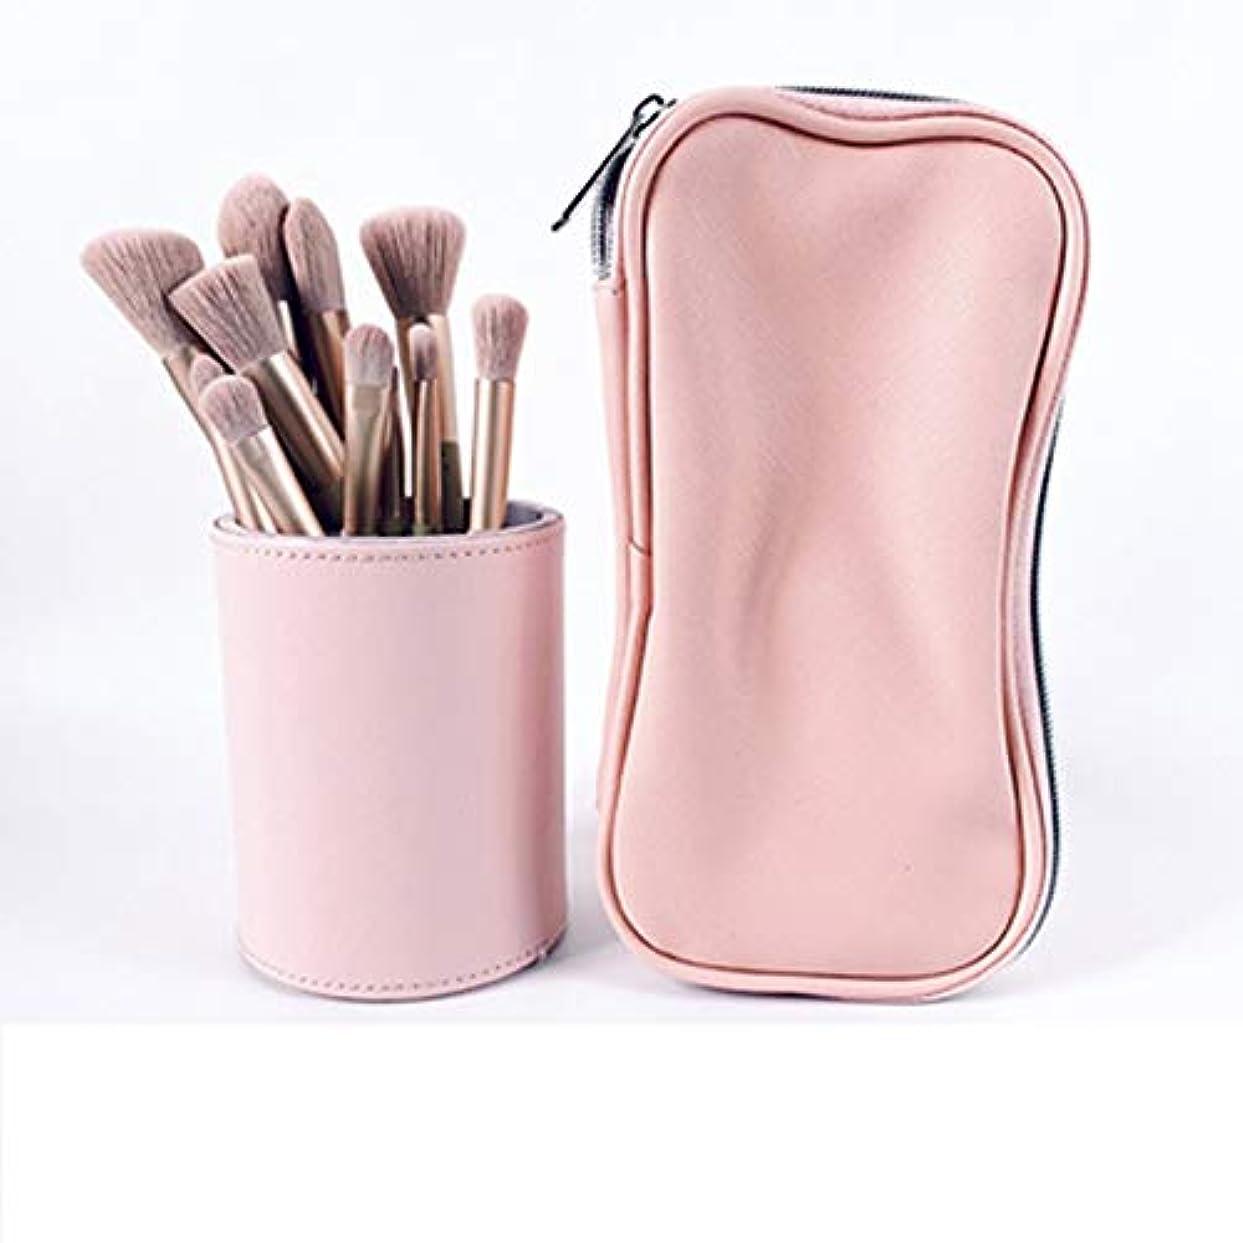 警官エコー減らす12ゾディアックメイクブラシセットアイシャドウブラシアイブローブラシチークパウダーブラシマイクロクリスタルメイクブラシ毛美容メイクアップツール (Color : Pink)